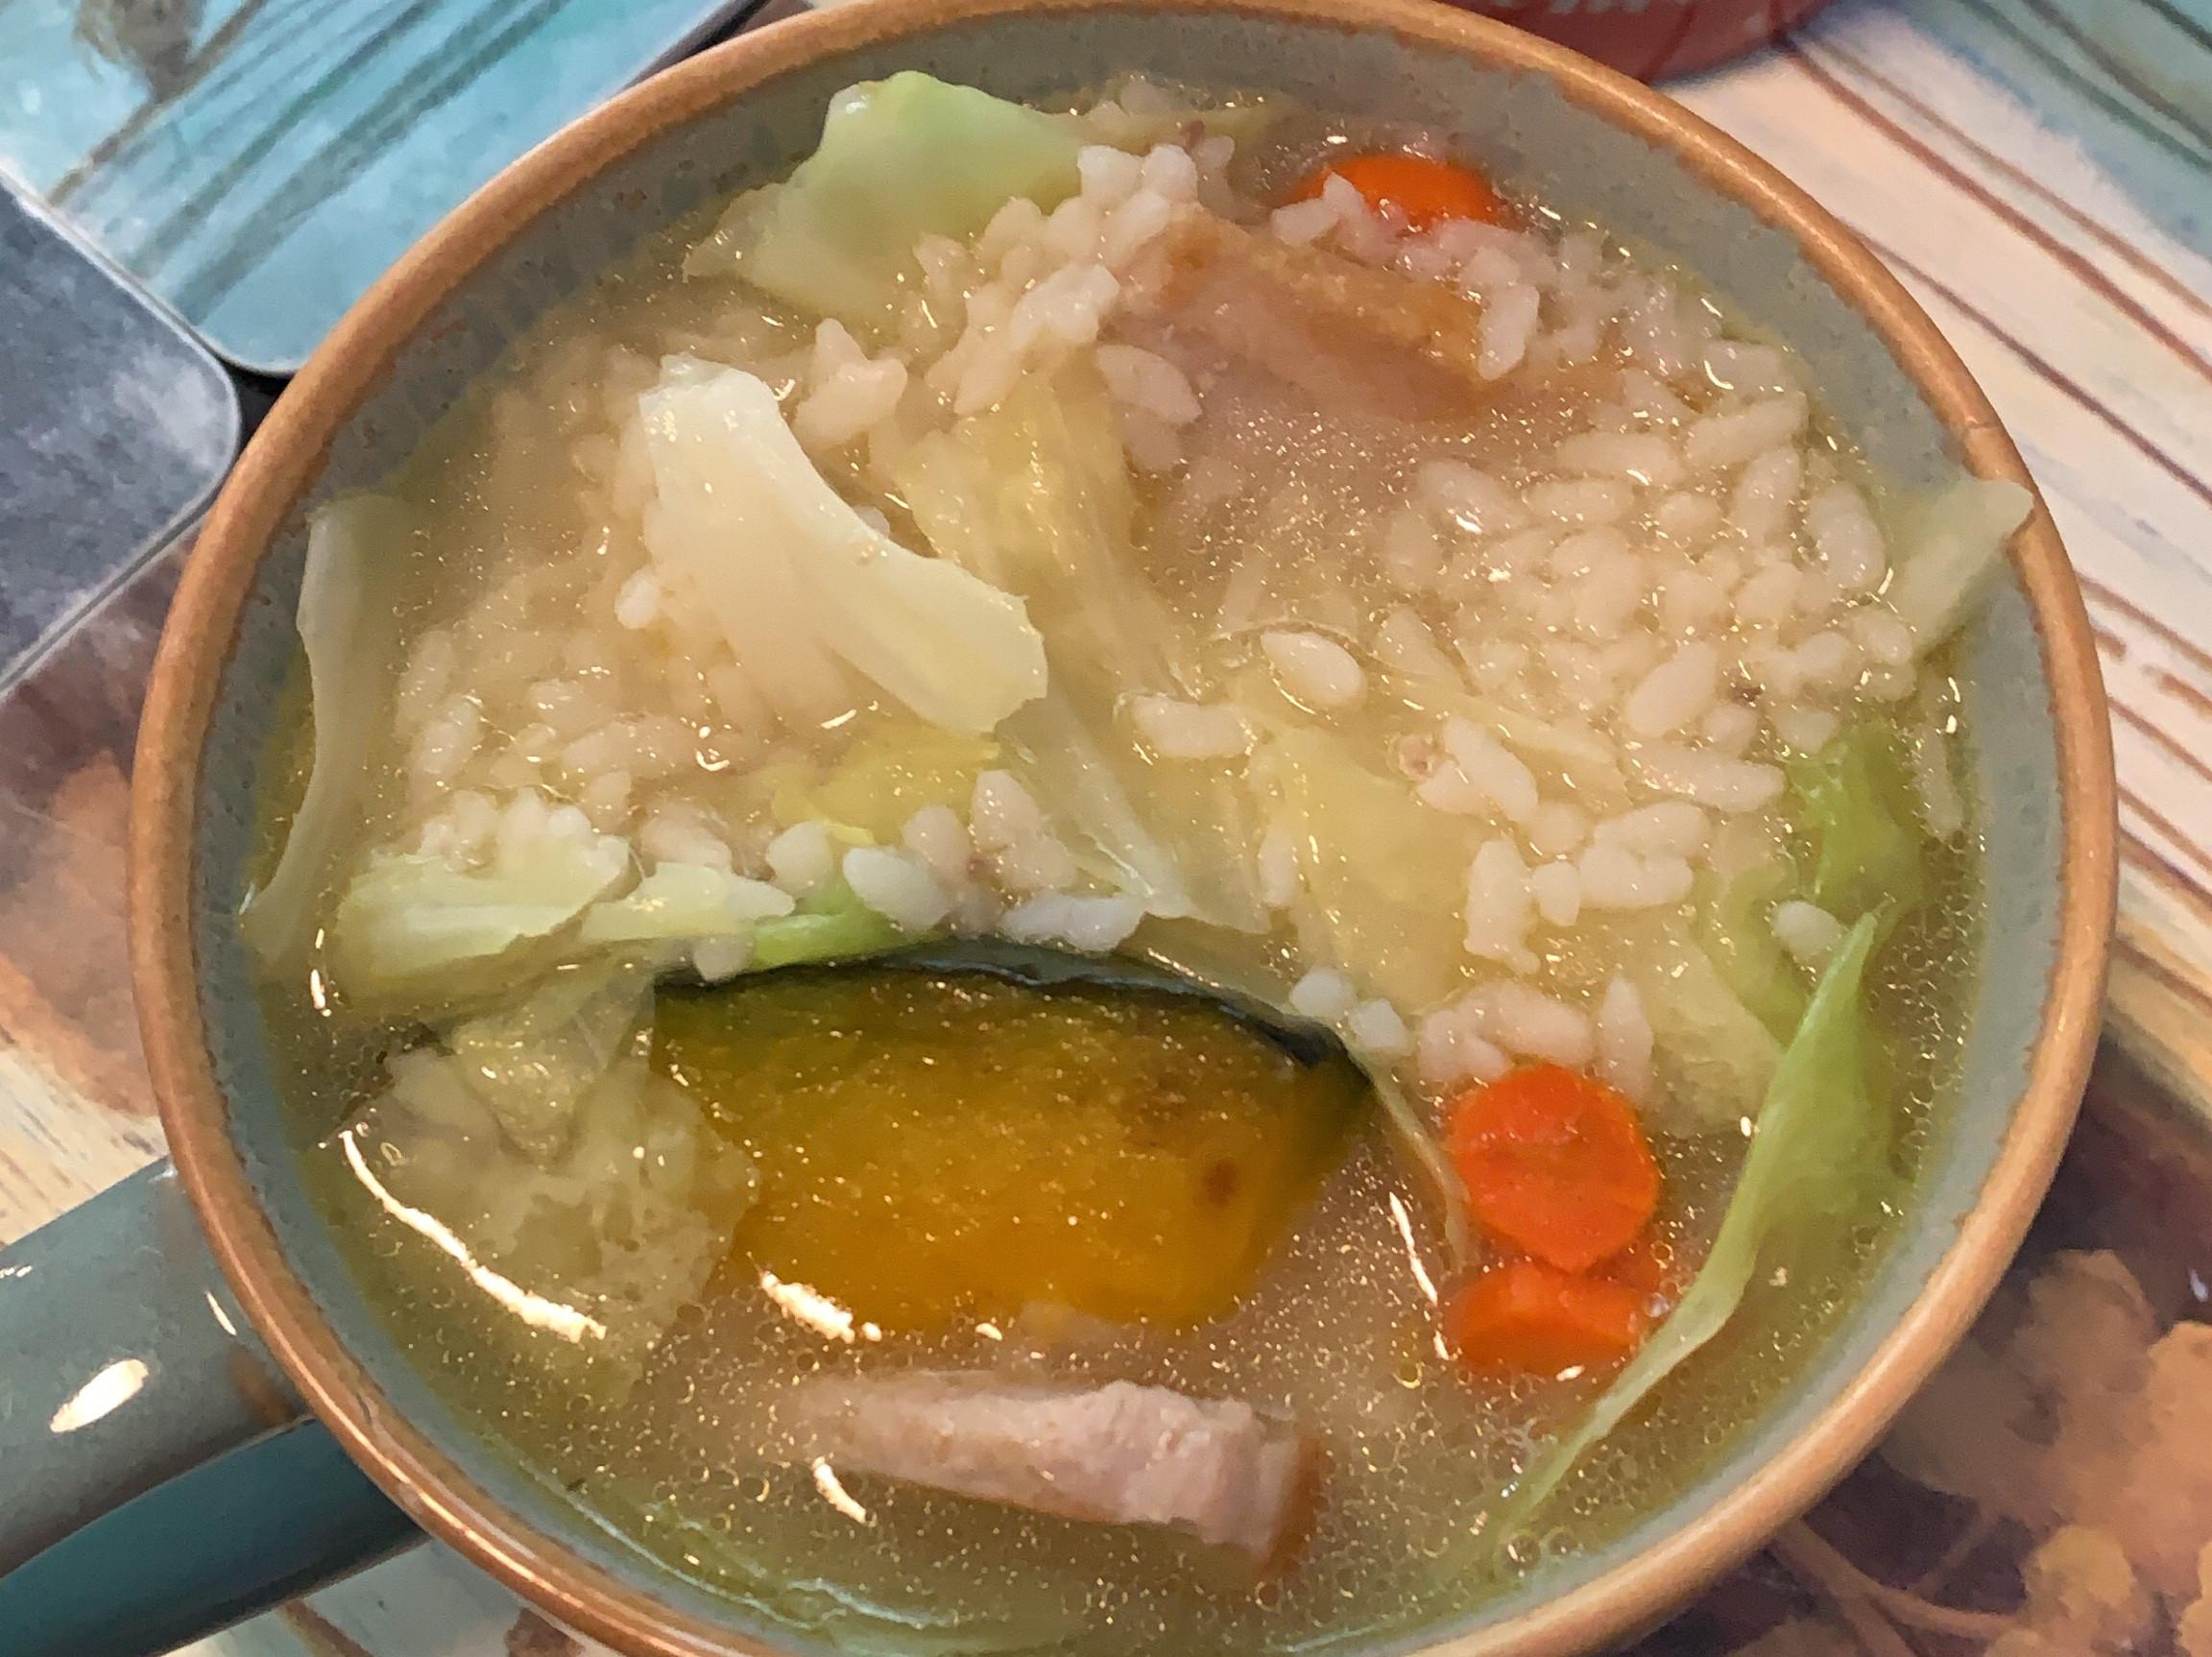 芋頭南瓜豬頸肉鹹粥